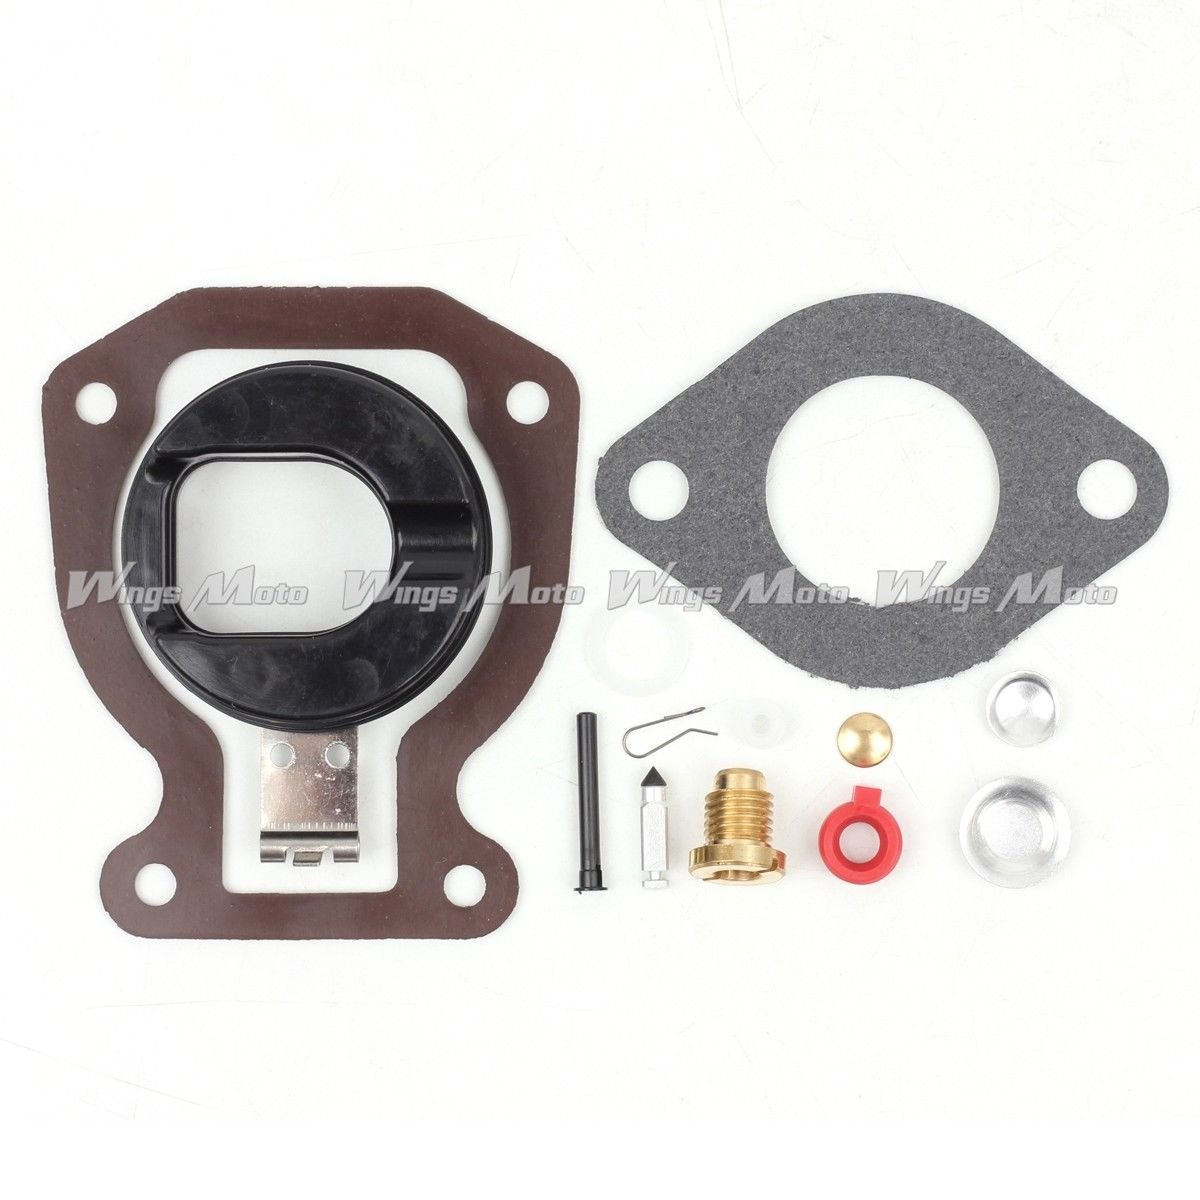 Wingsmoto Carb Repair Carburetor Rebuild Kit w/Float for Johnson Evinrude 4 4.5 5 6 7.5 9.9 15 398453 439072